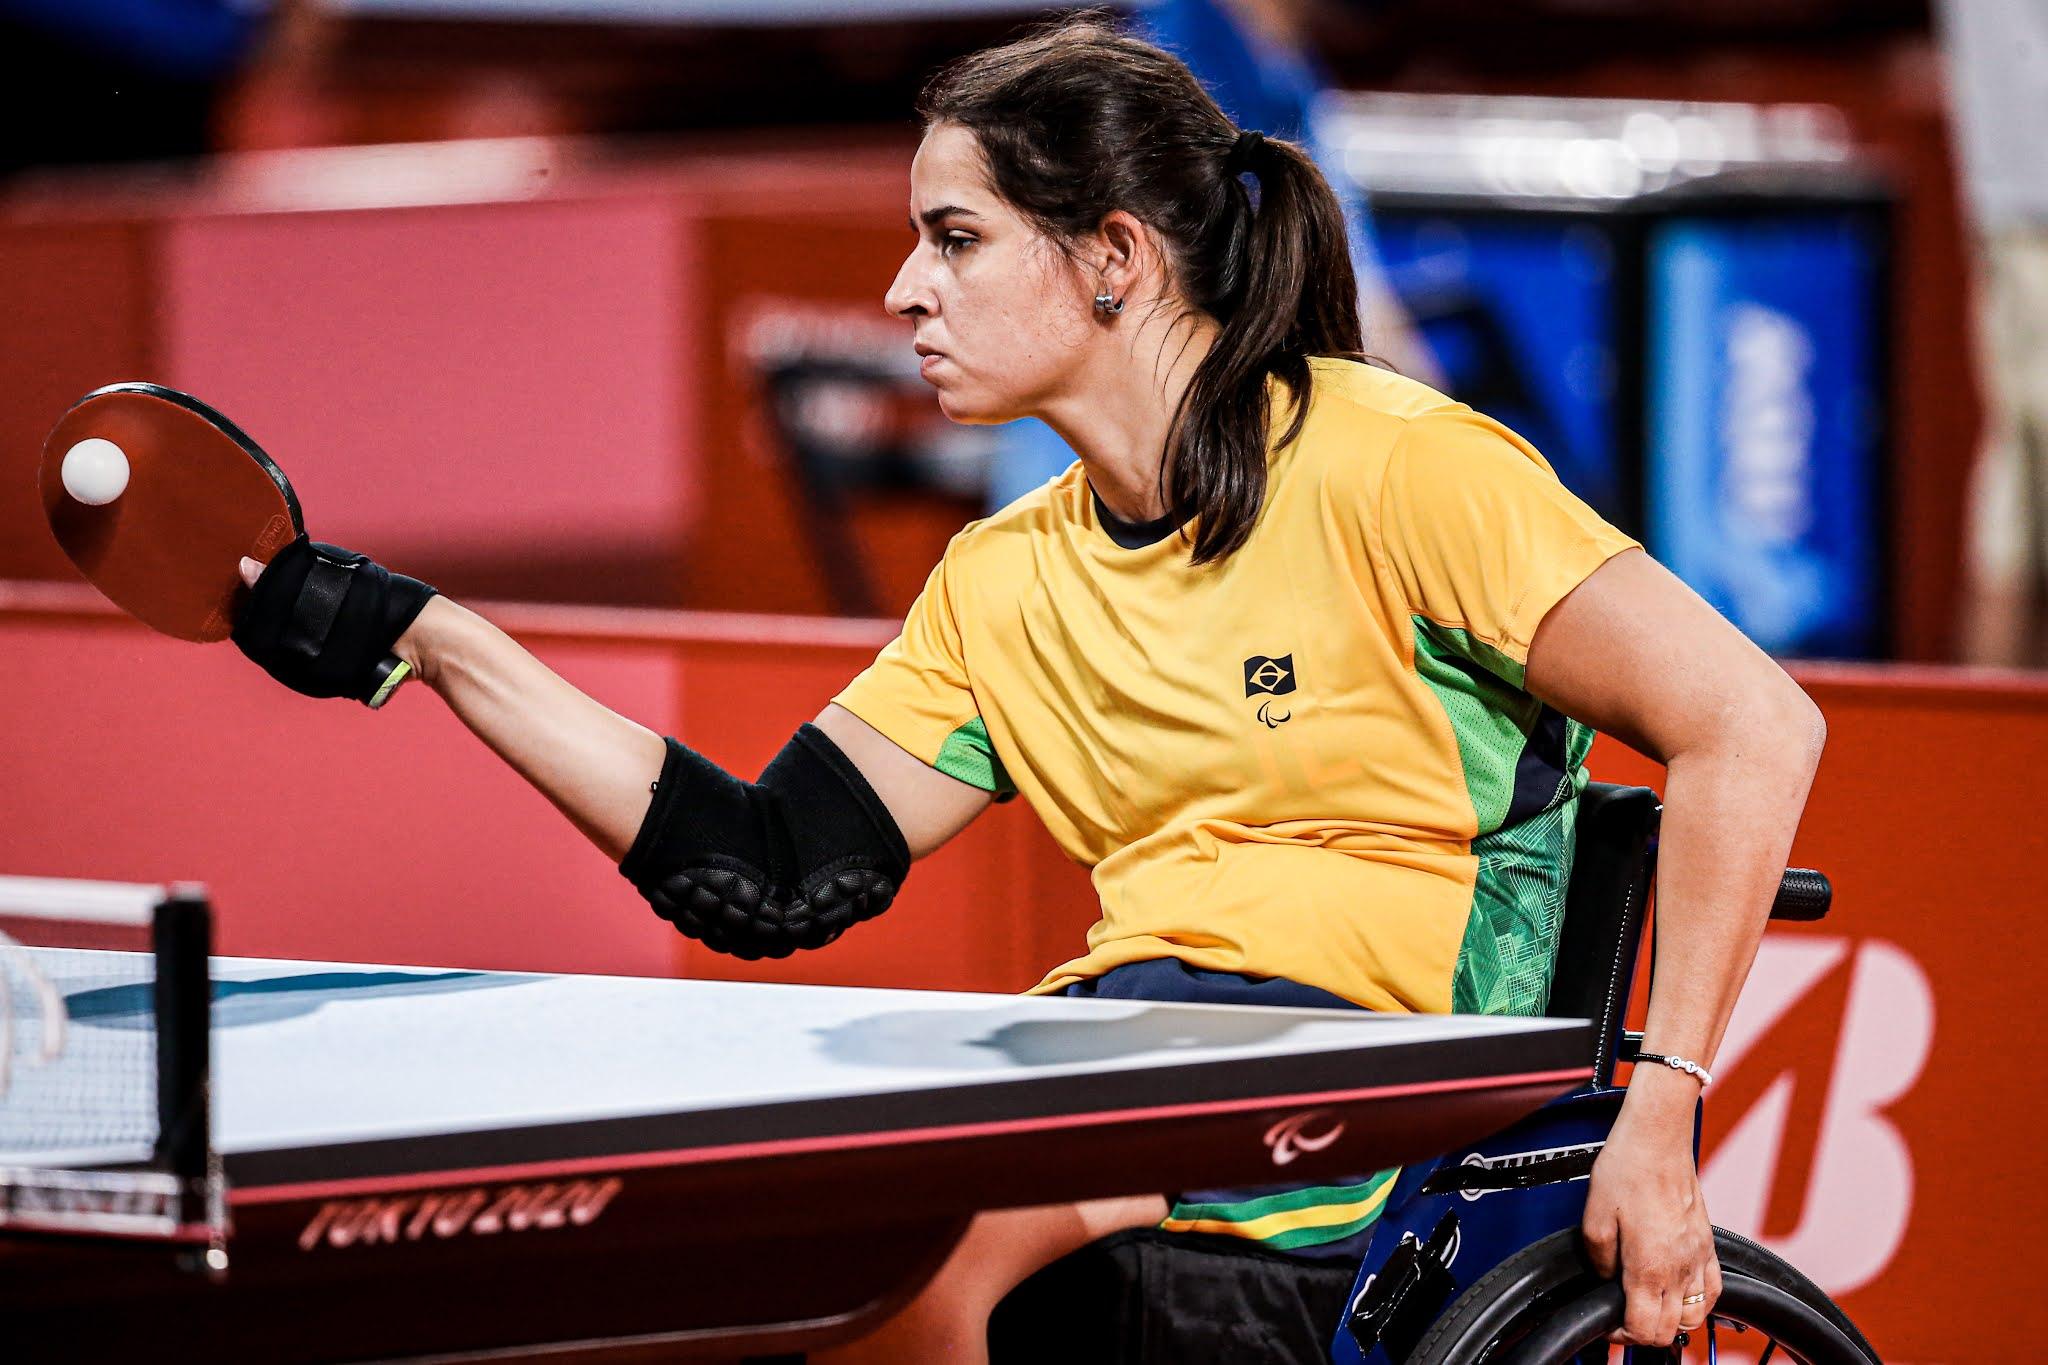 Cátia Oliveira, na cadeira de rodas, está com a raquete na mão e espera o ataque da adversária próxima à mesa